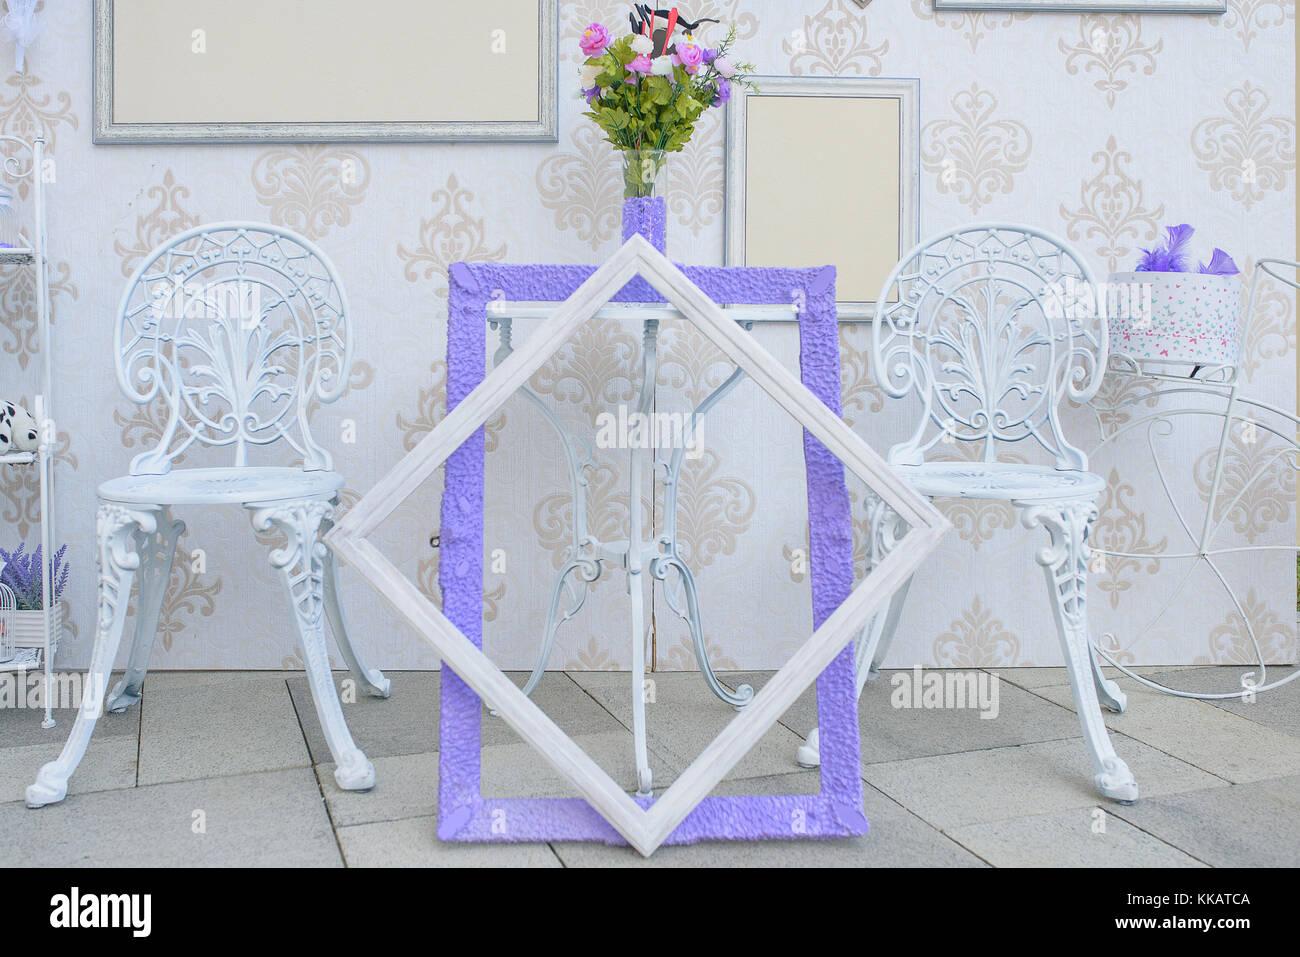 Muebles de hierro blanco exterior y marcos de imagen vacíos con ...